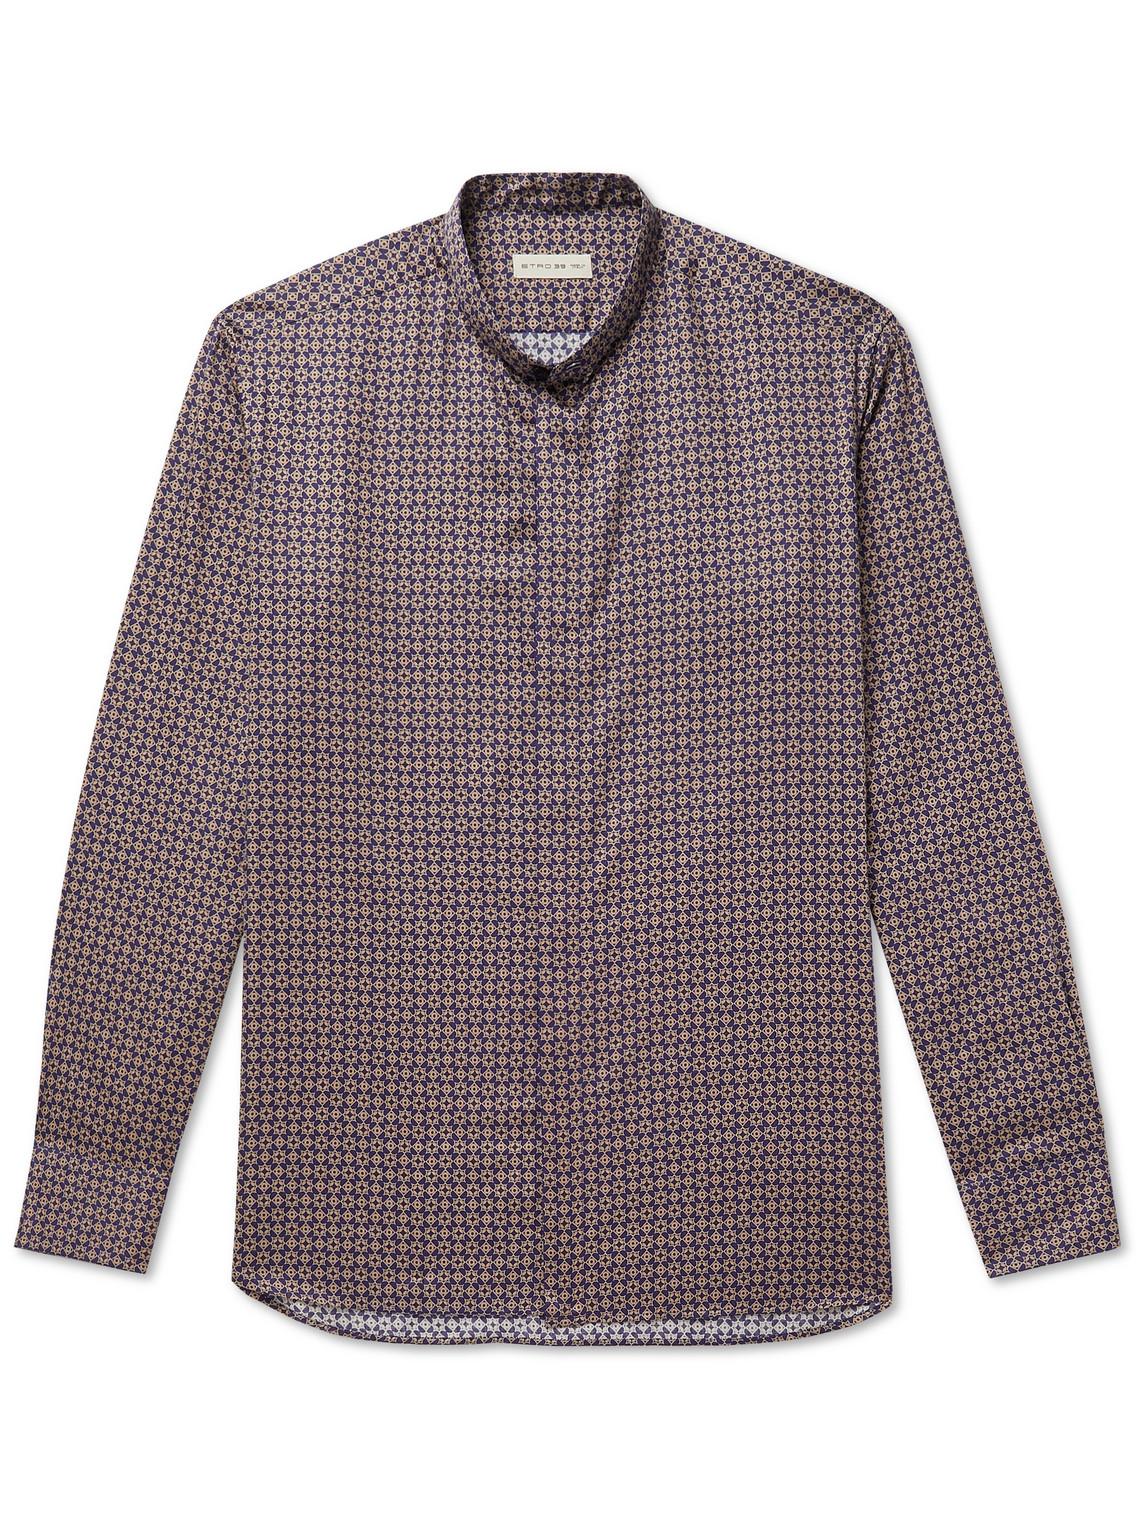 etro - grandad-collar cotton shirt - men - blue - eu 38